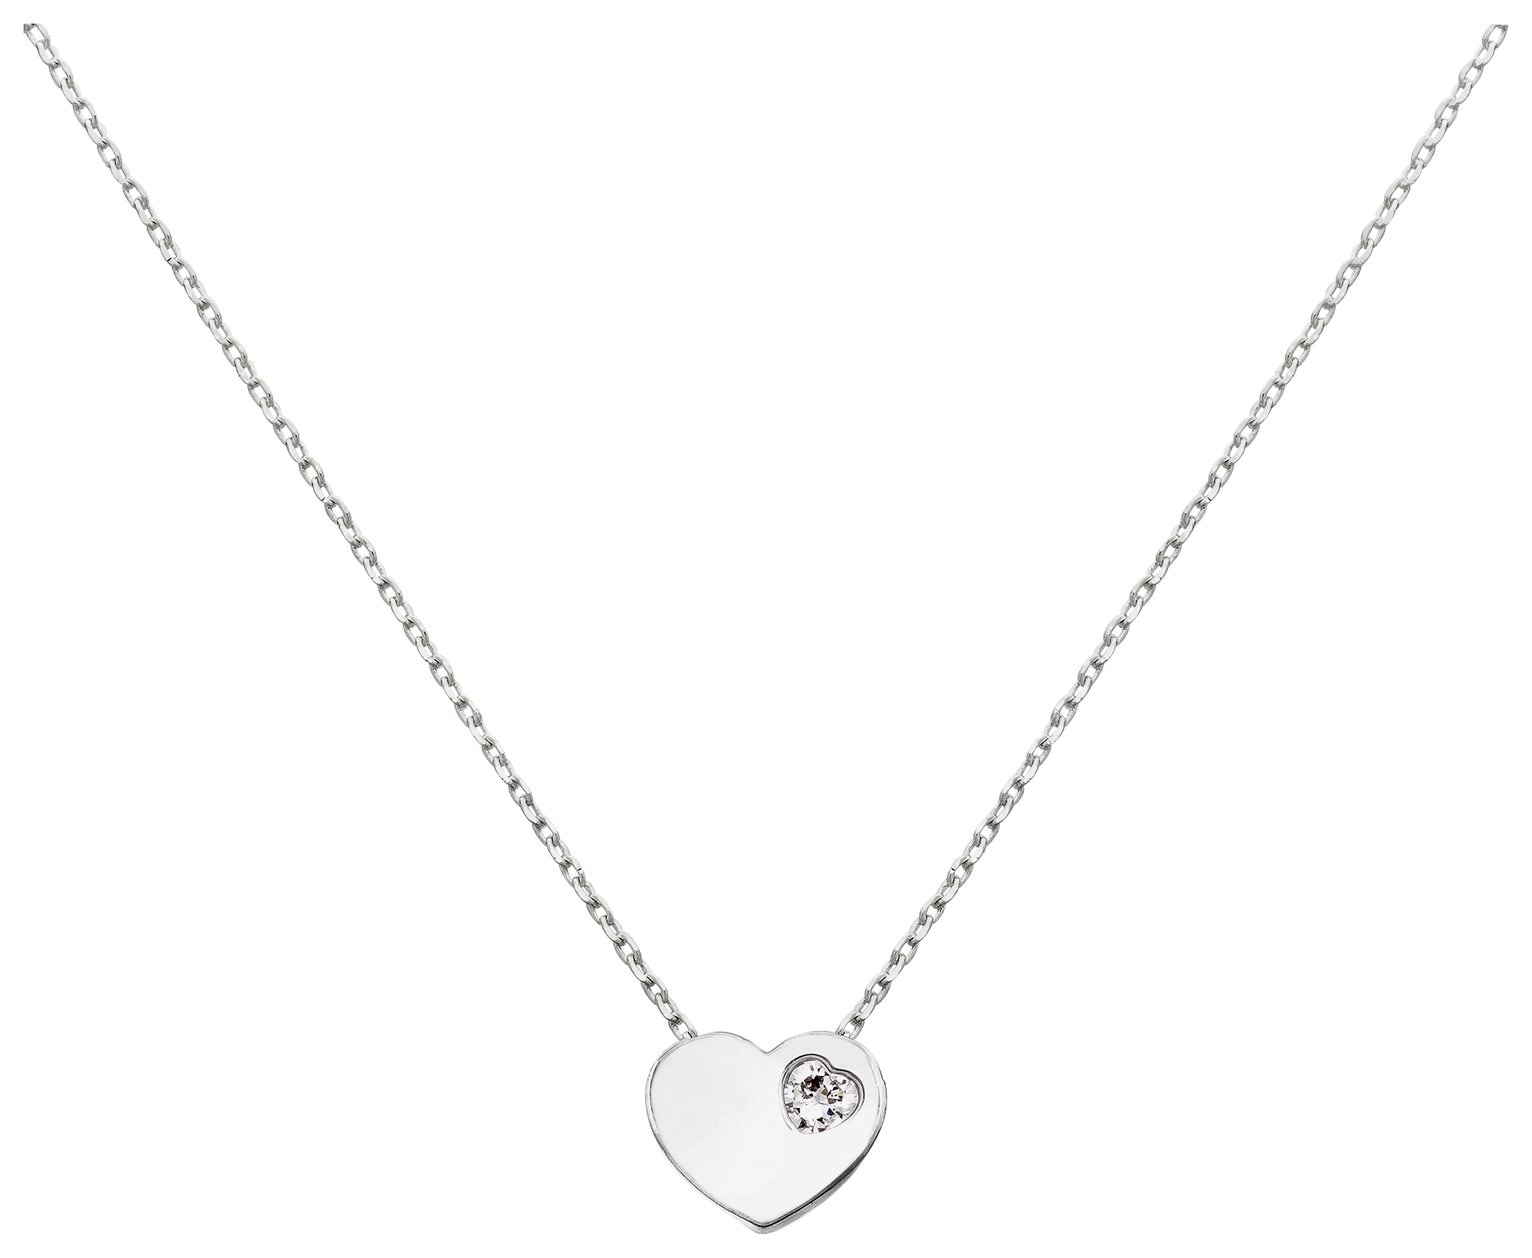 Amelia Grace Silver Colour Heart Pendant 18 Inch Necklace